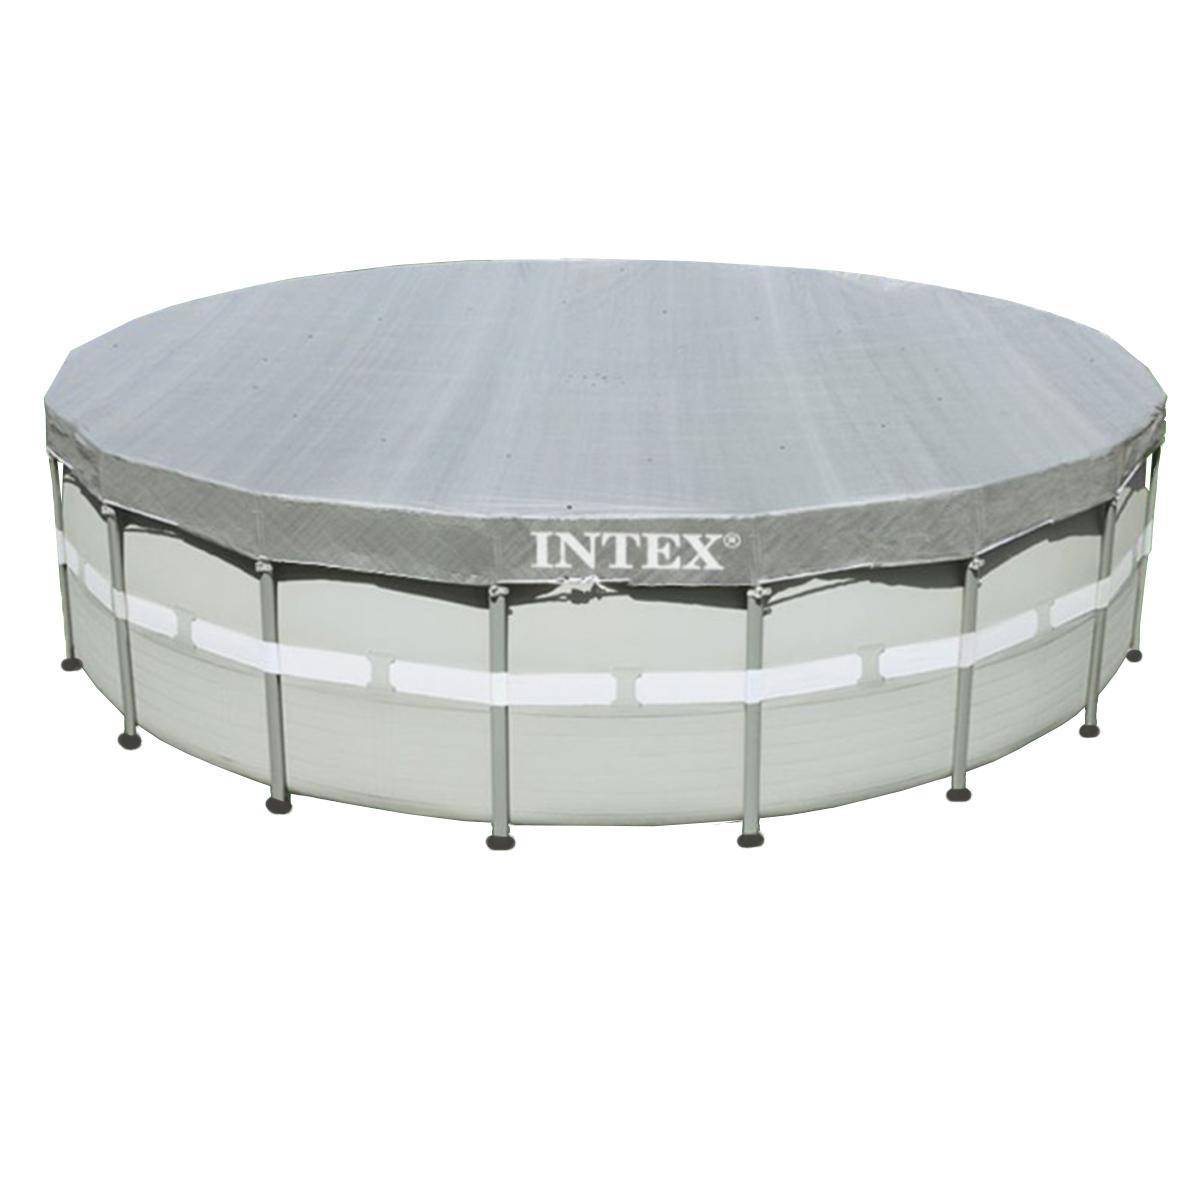 Intex Bâche de protection Deluxe pour piscine tubulaire ronde Ø 5,49 m - Intex